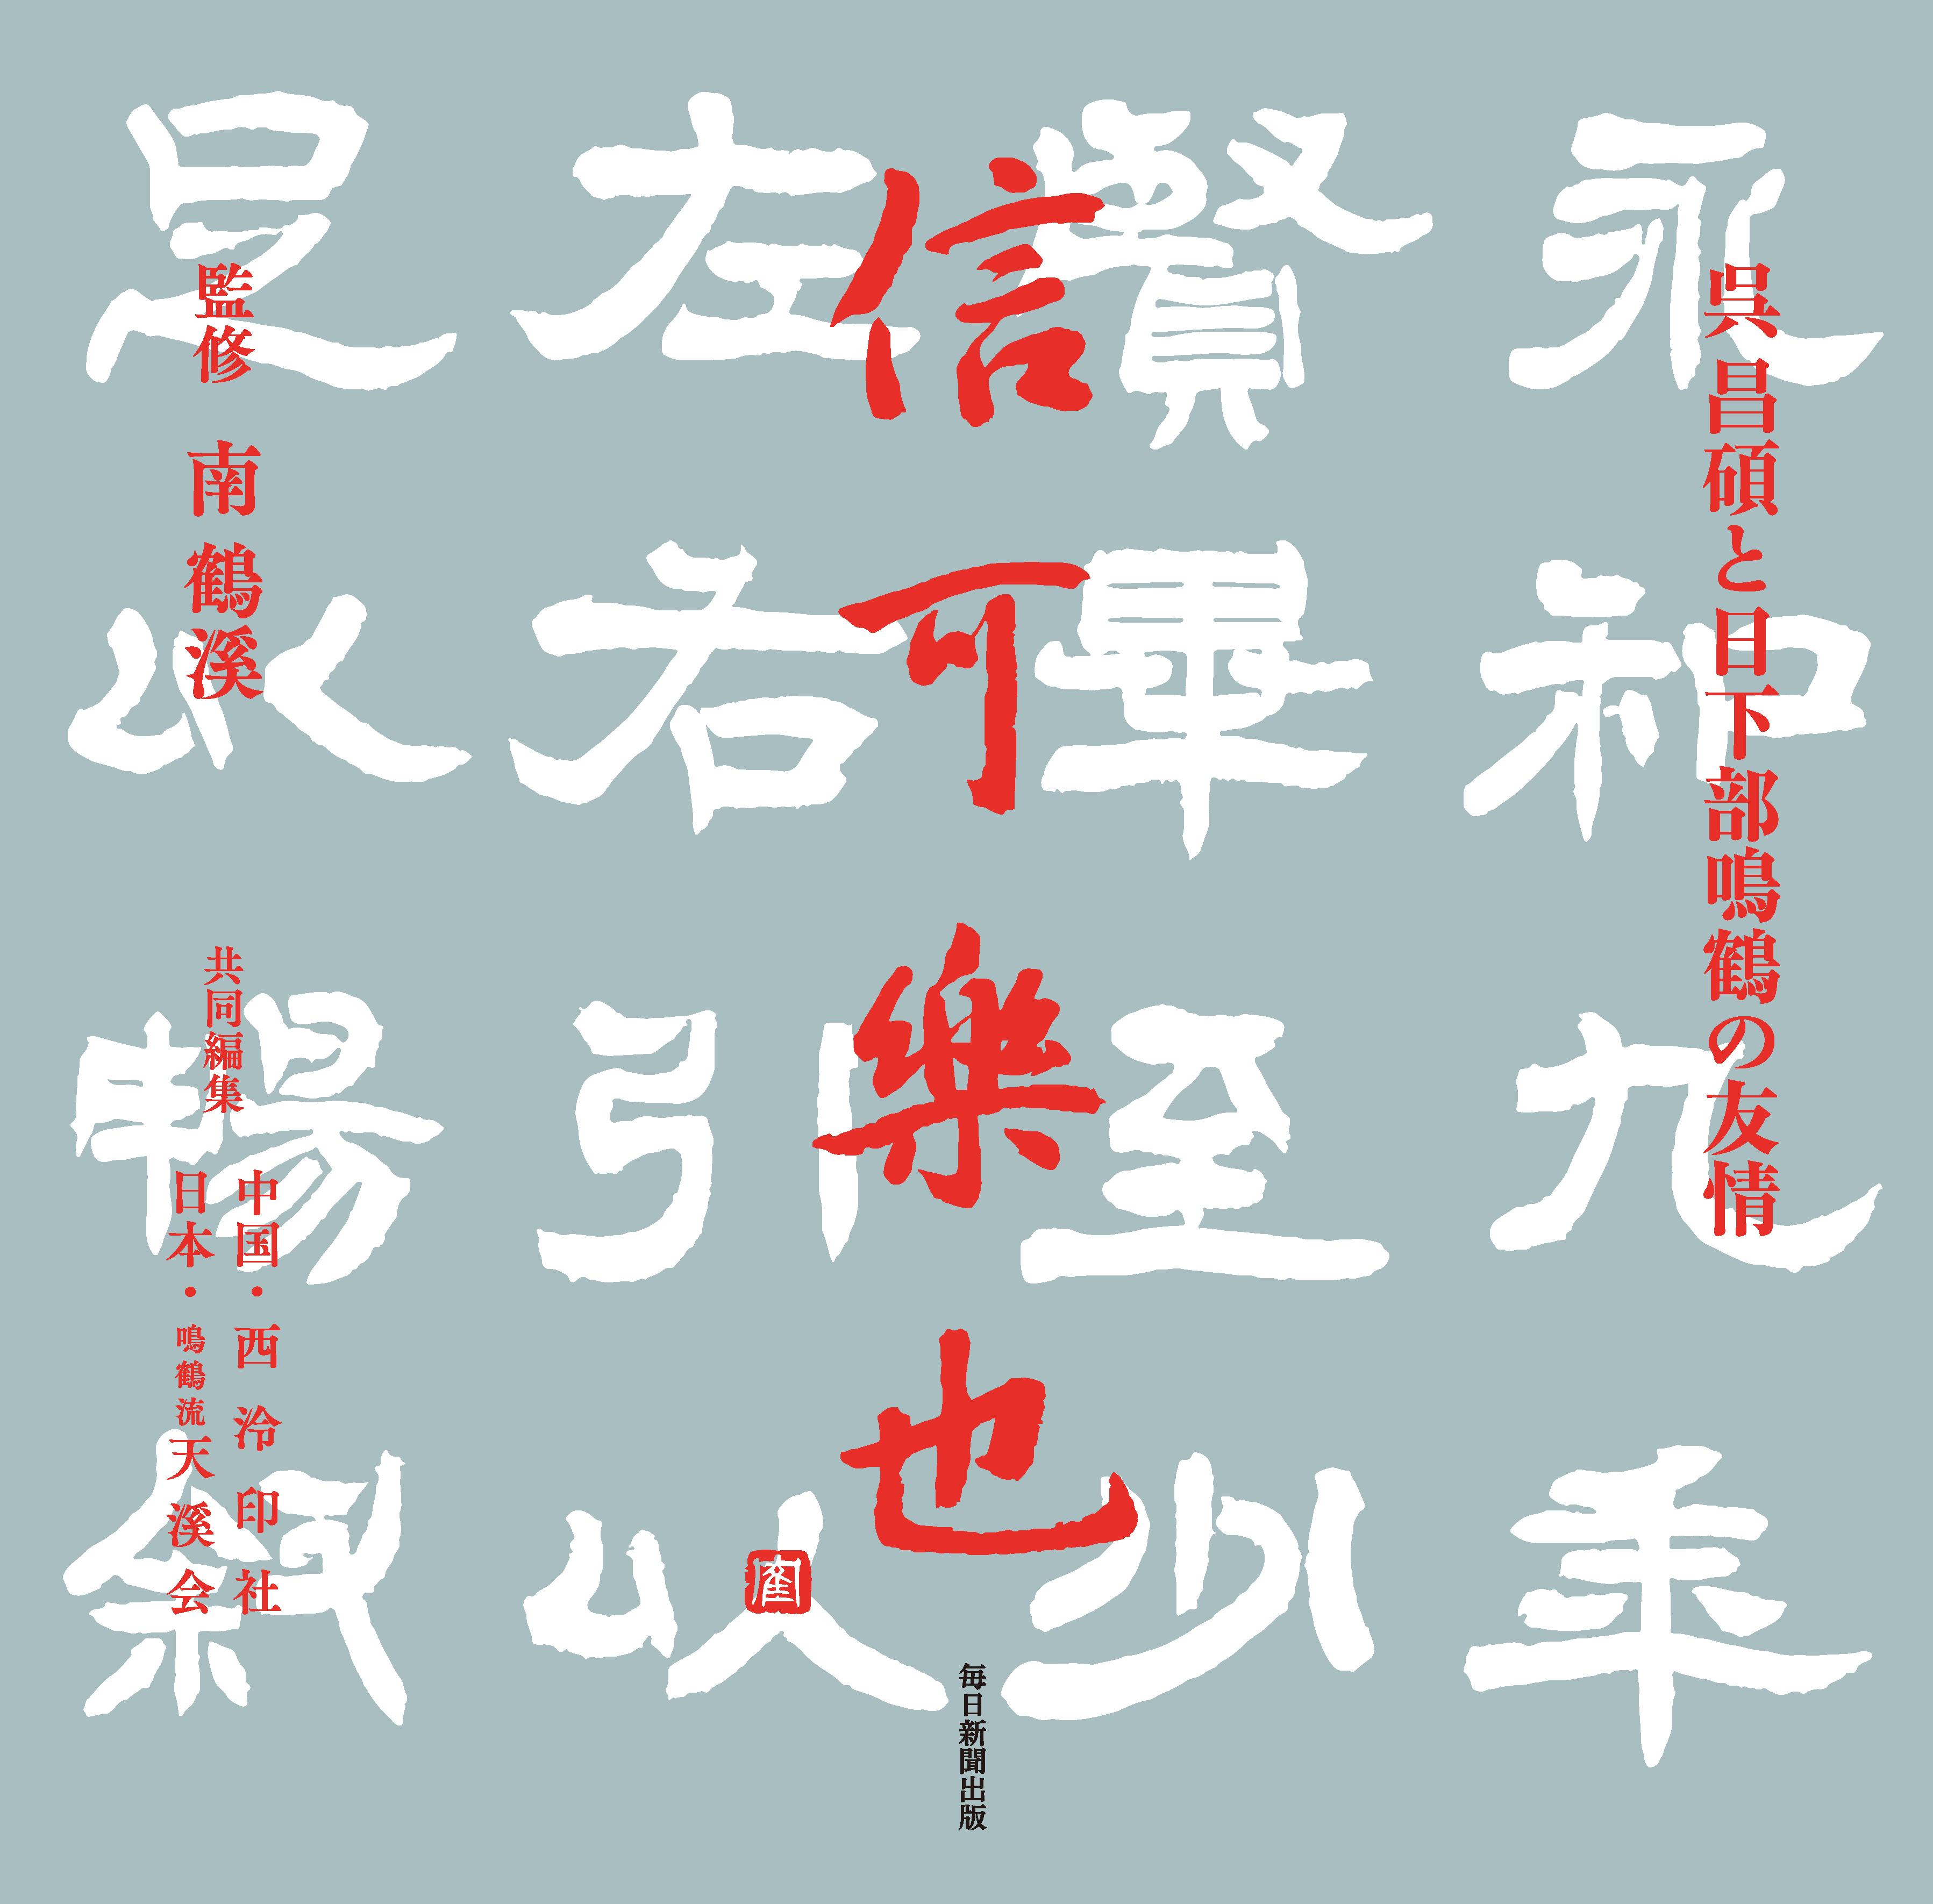 書影:信可楽也――呉昌碩と日下部鳴鶴の友情